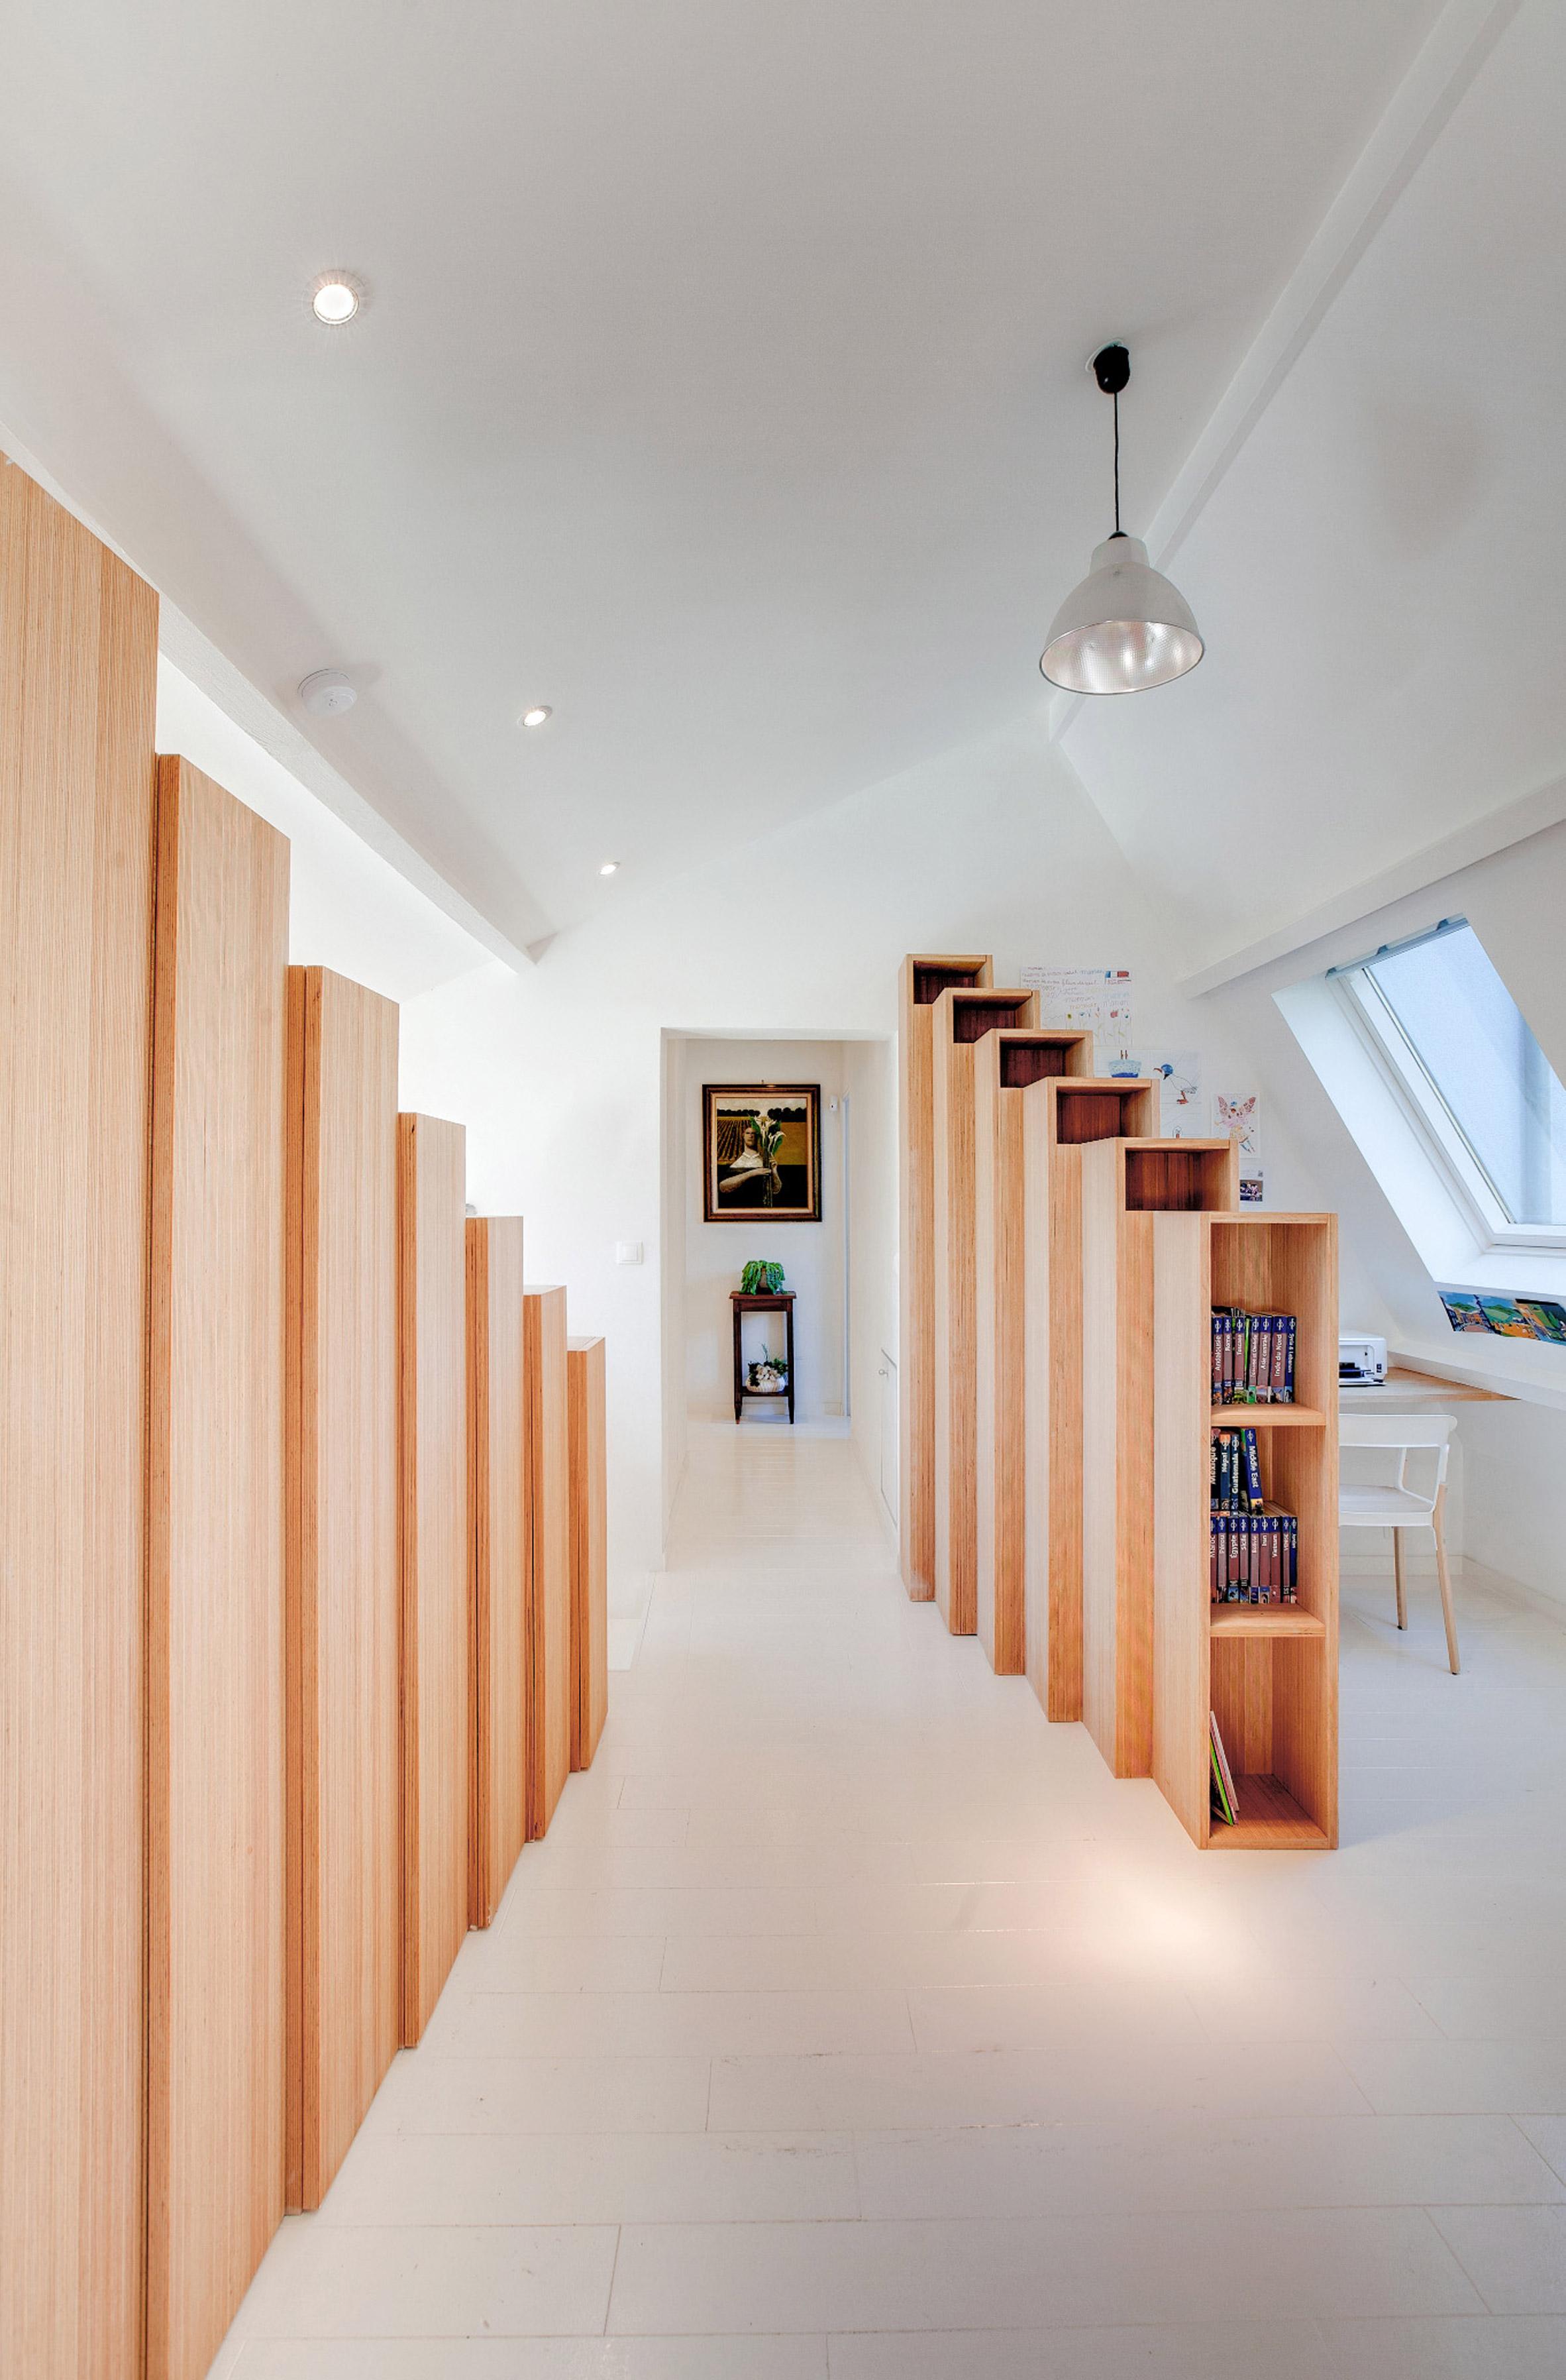 Strakke witte trap met open houten boekenkast